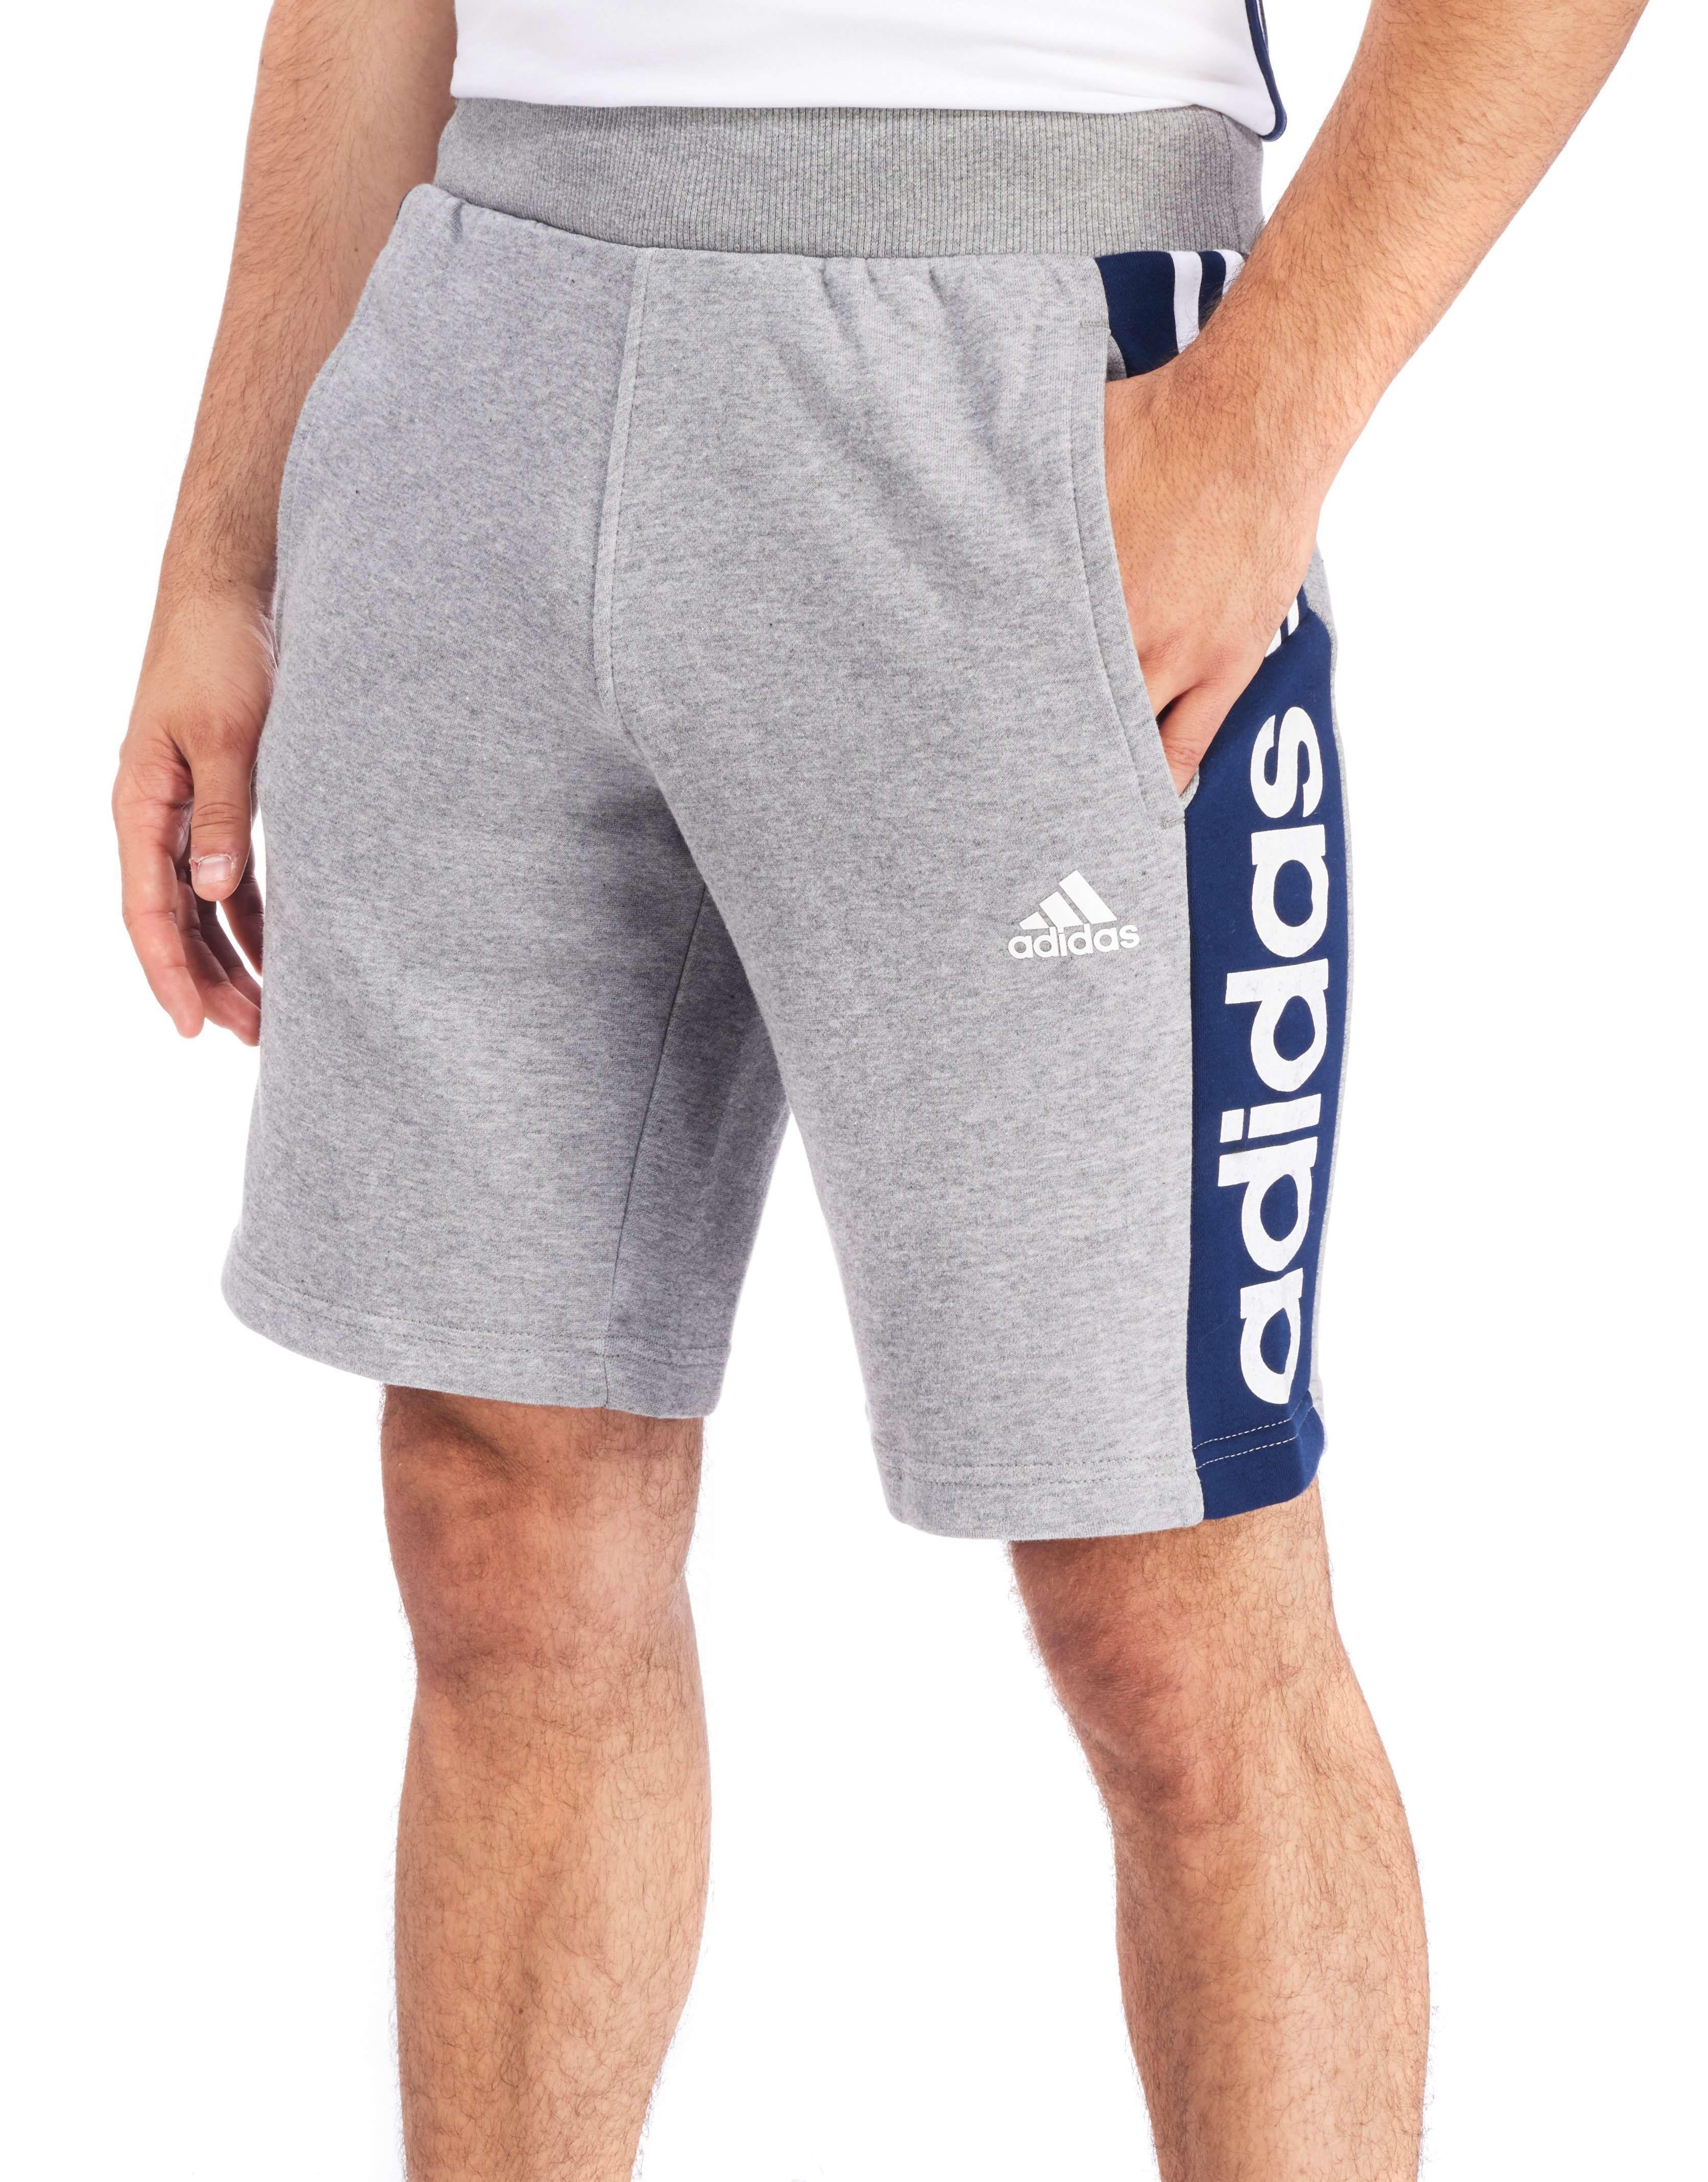 adidas shorts jd